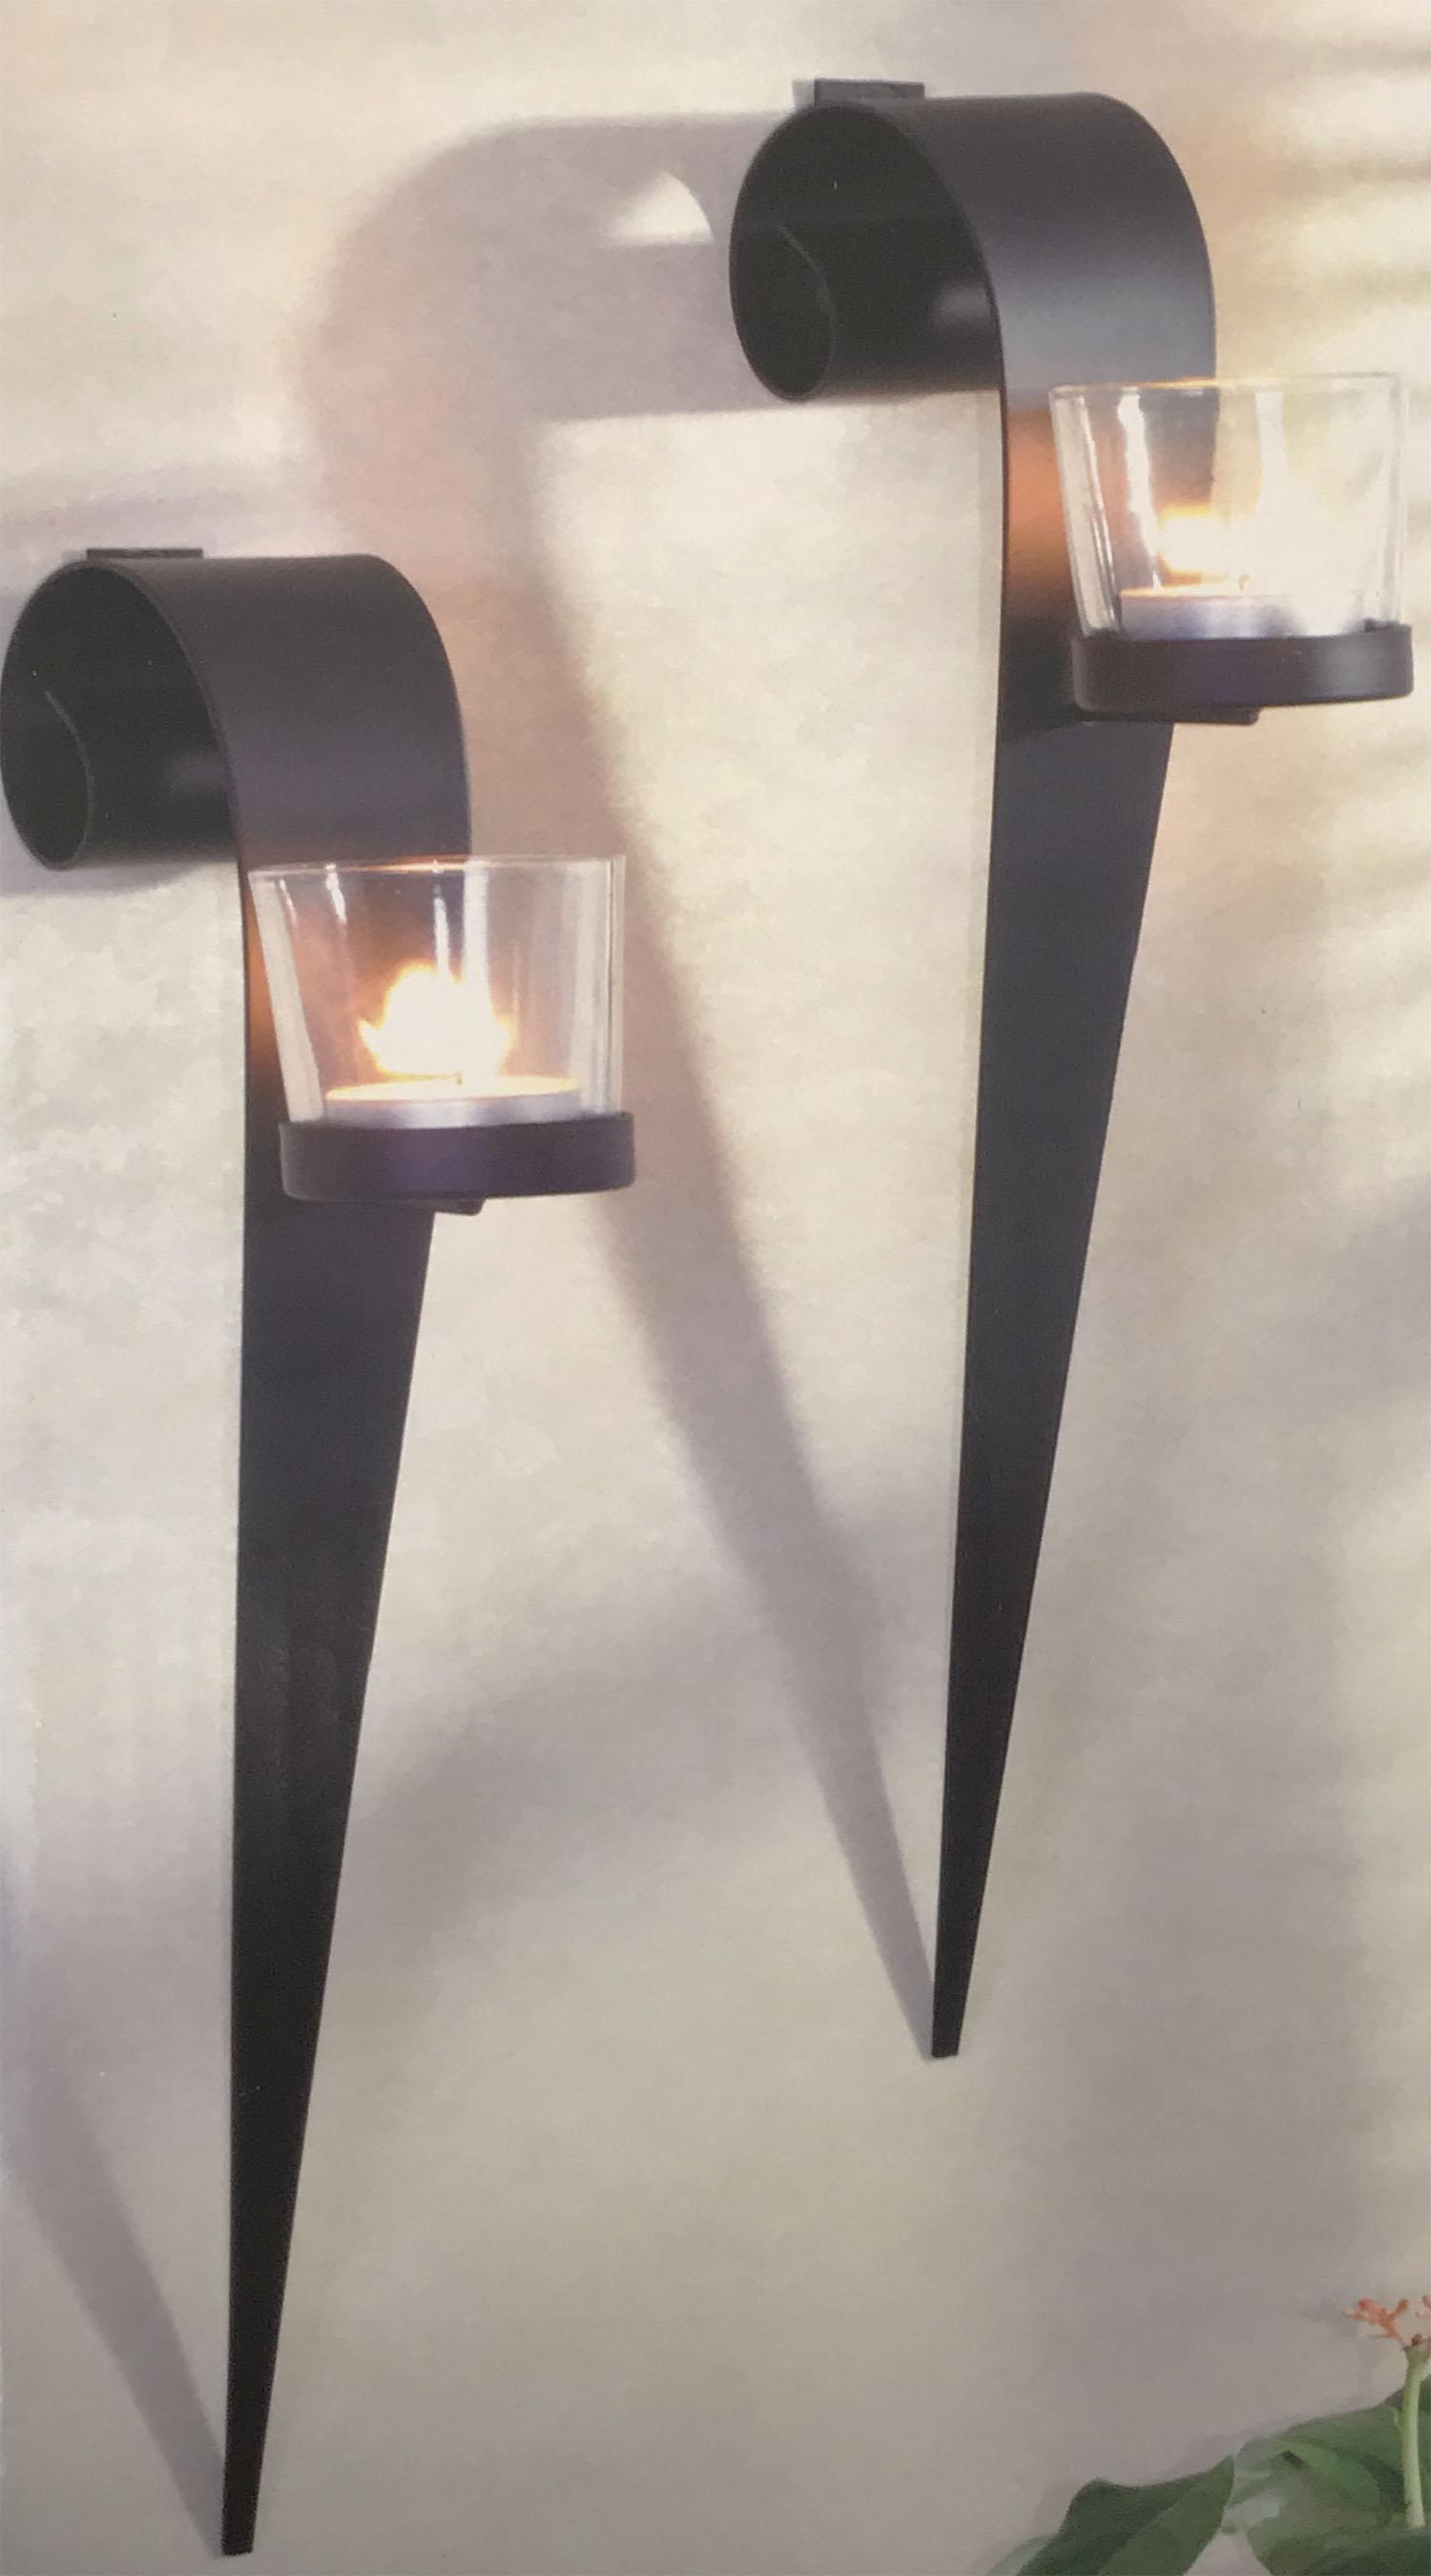 2er set wandkerzenhalter f r teelichter m bel wohnen dekoration. Black Bedroom Furniture Sets. Home Design Ideas